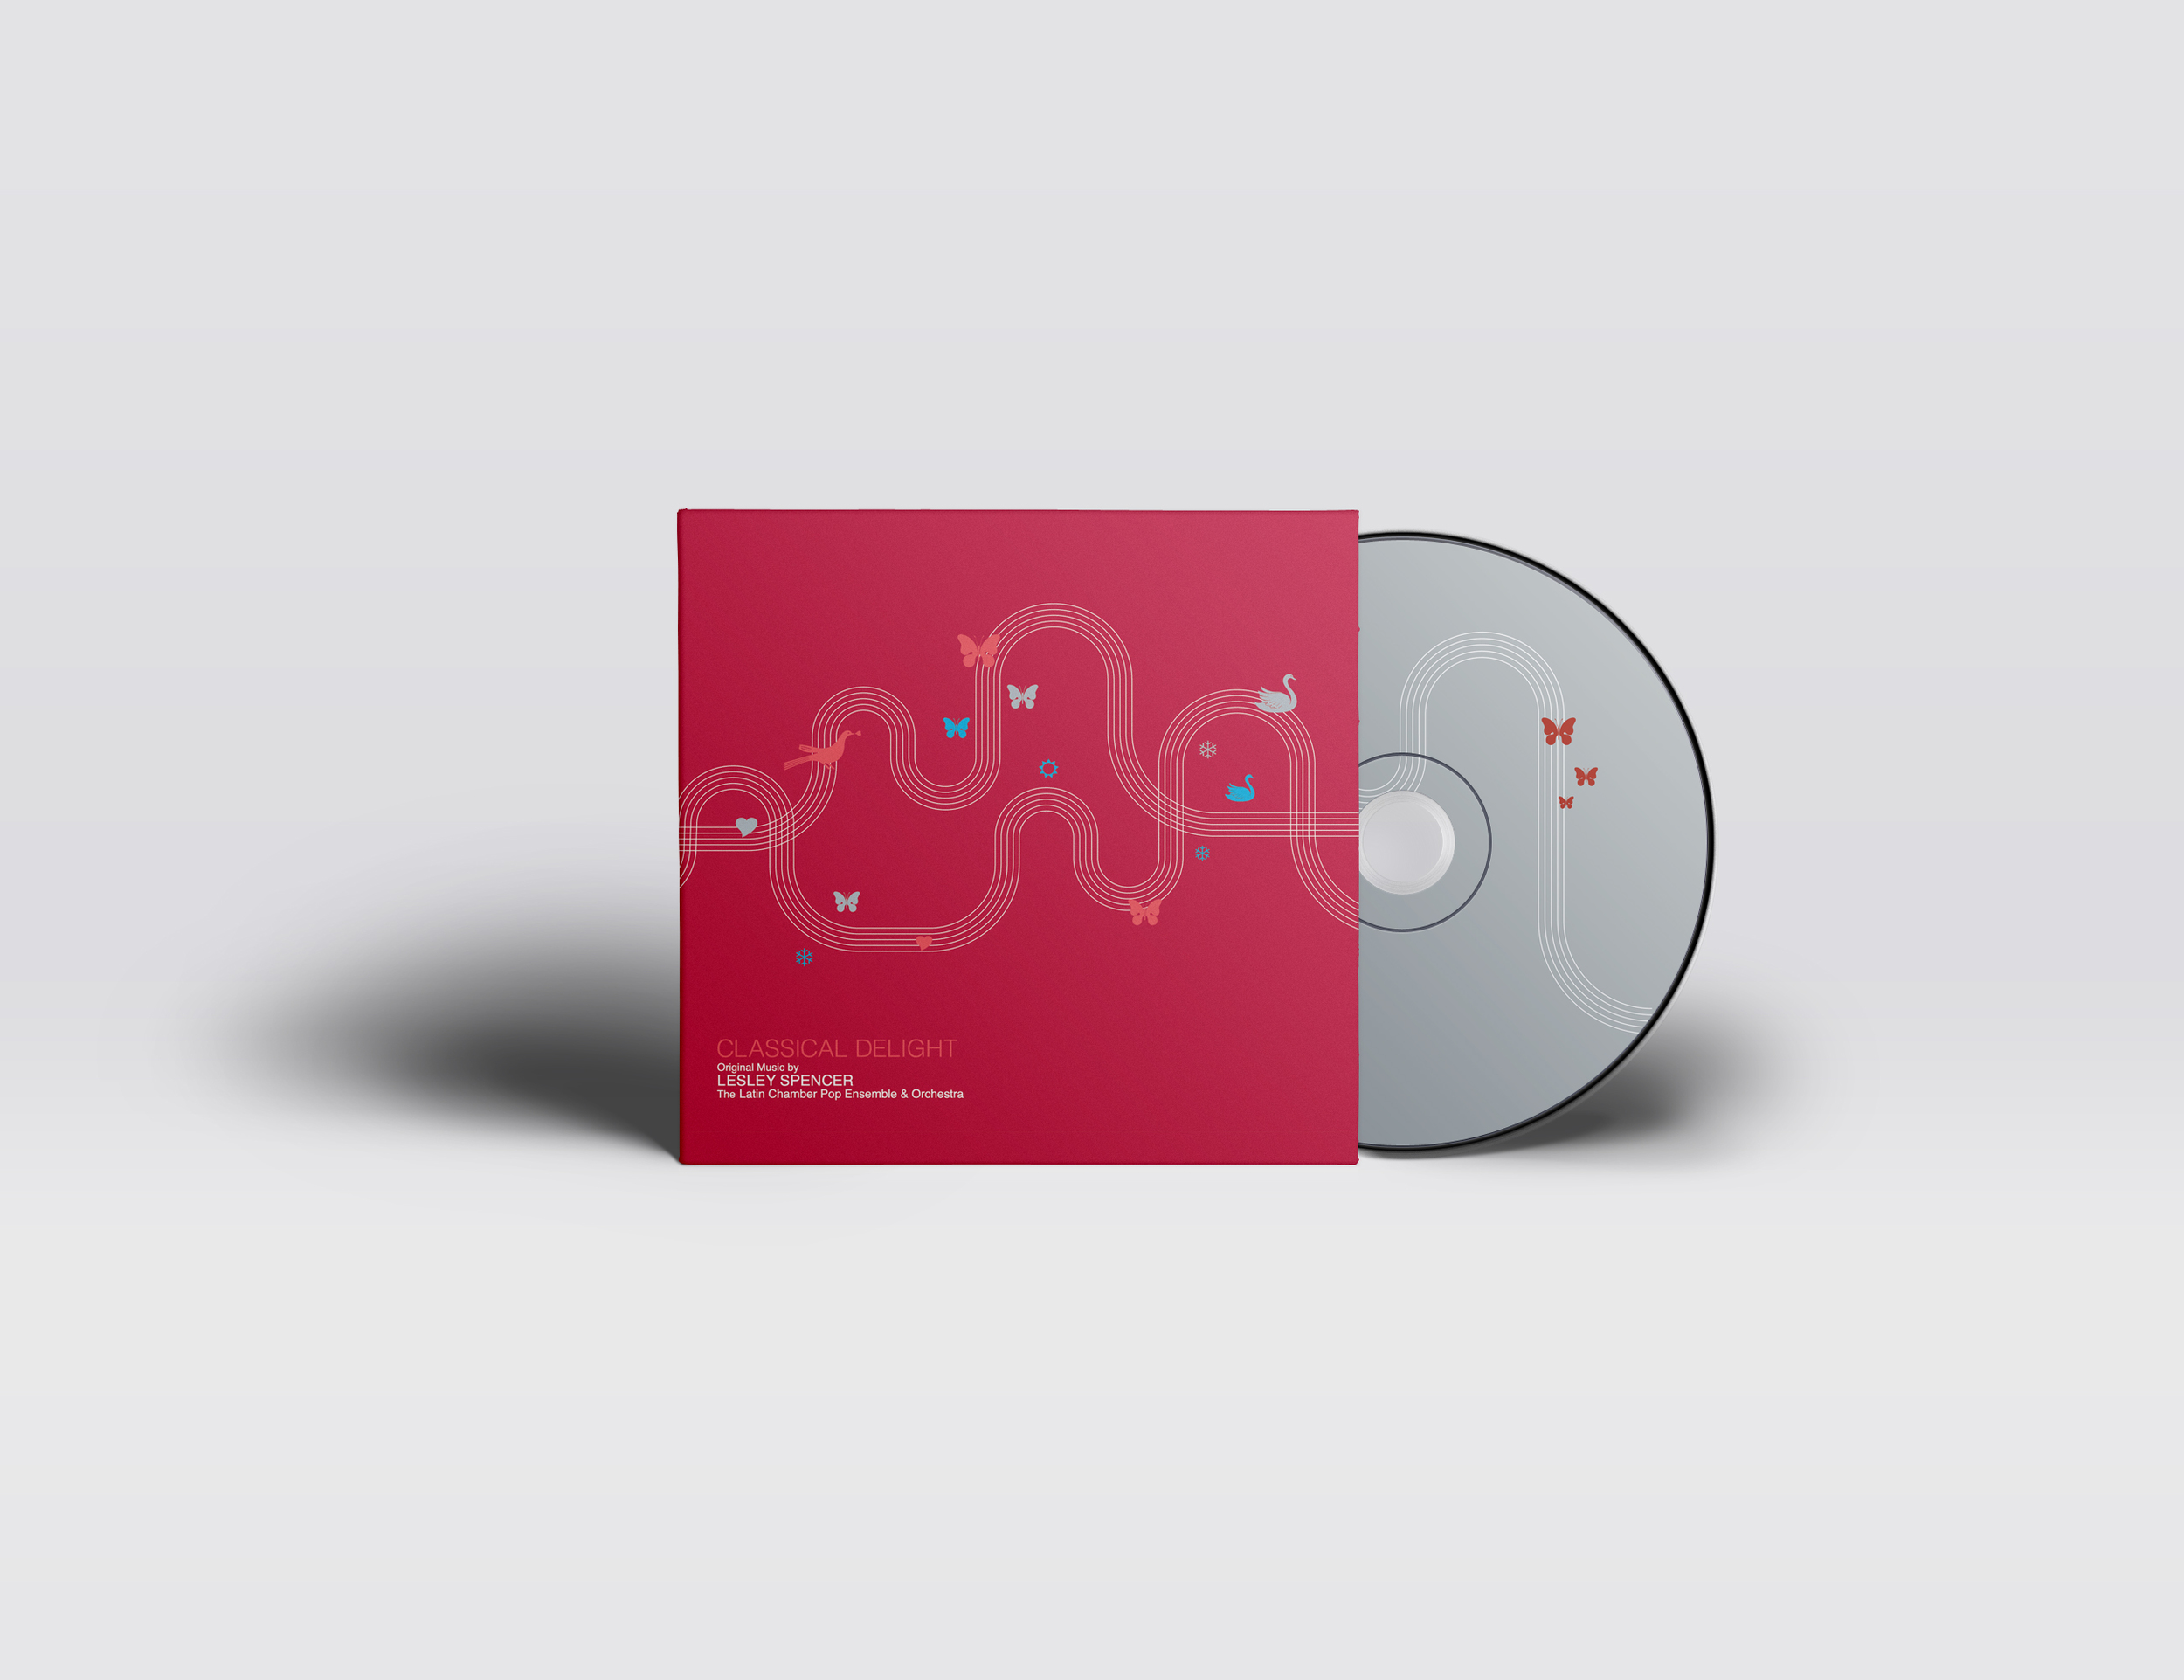 3D_lesley-spencer_classical-delight_cd.jpg